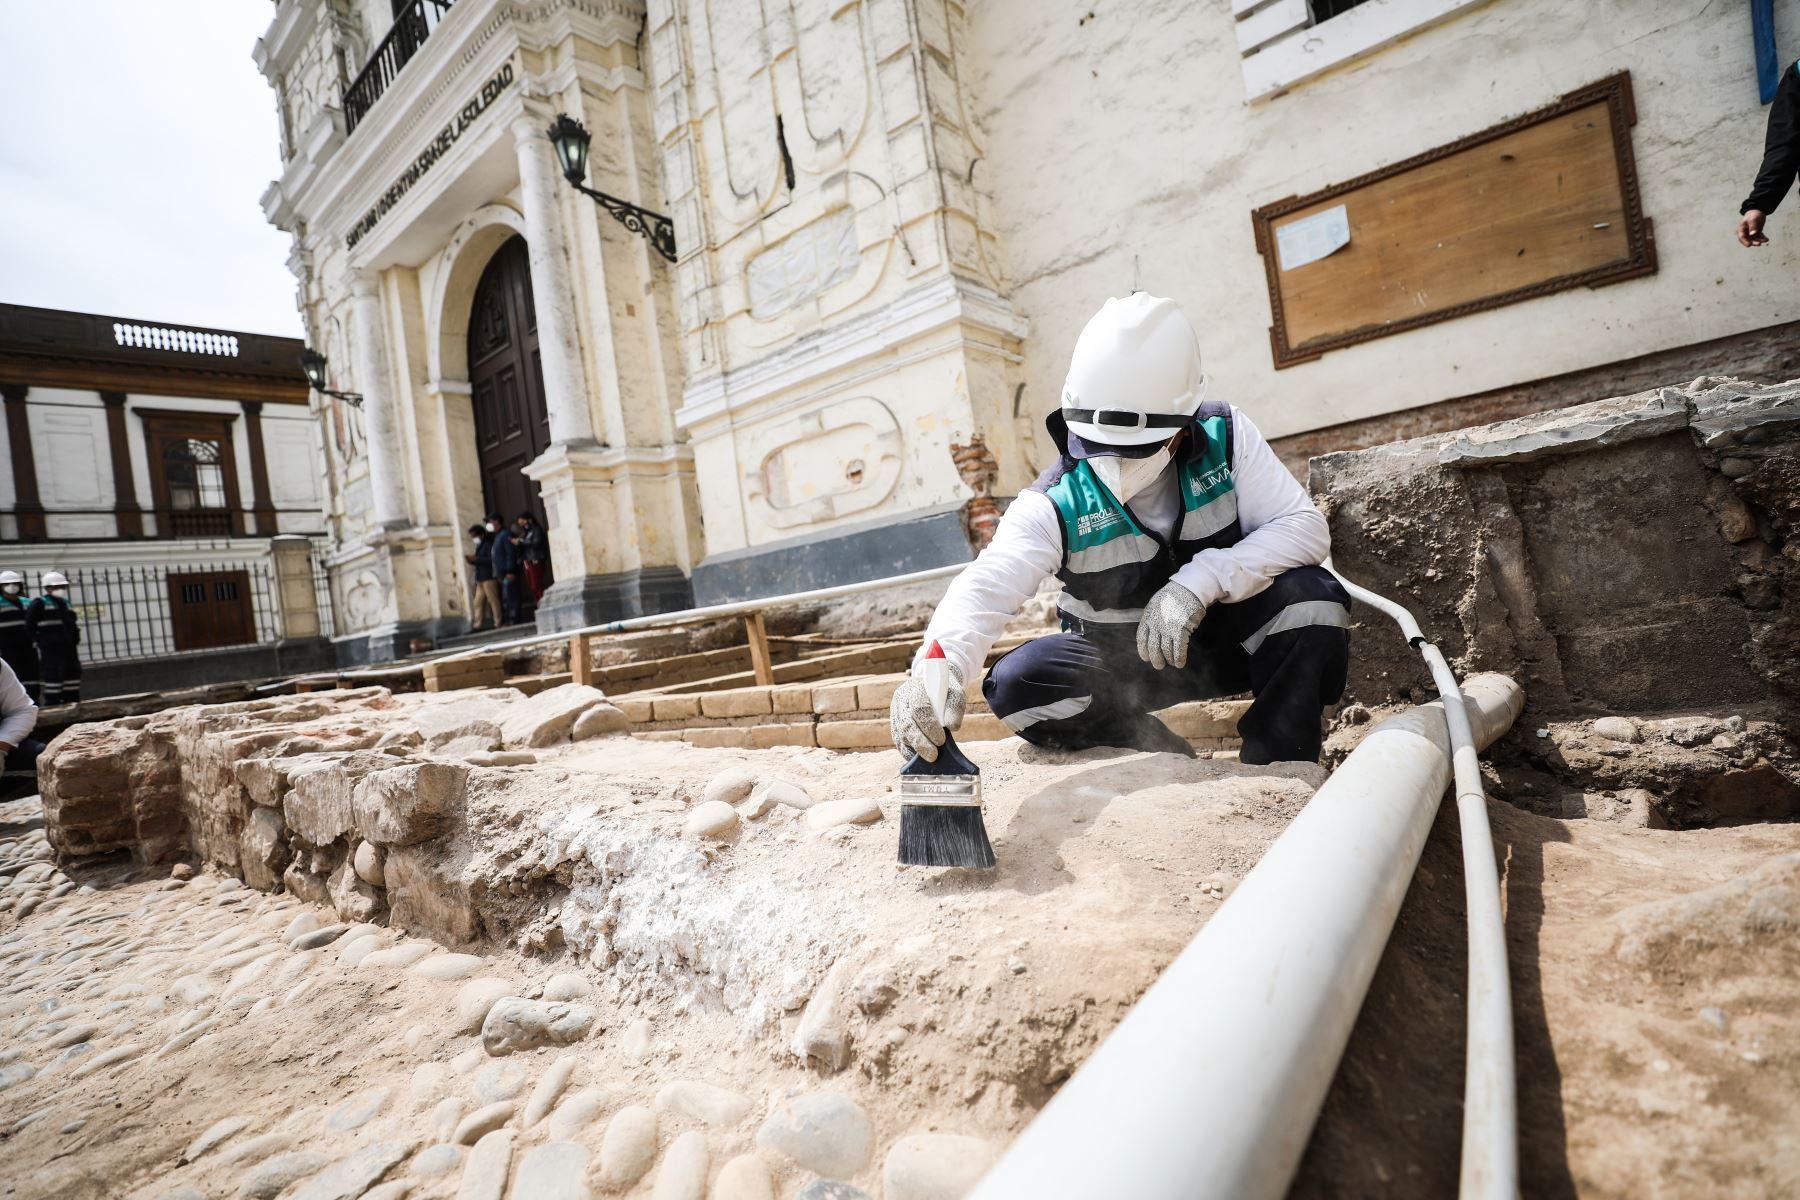 El proyecto de investigación arqueológica de la plazuela de San Francisco comenzó en diciembre del 2019 pero quedó paralizado debido al estado de emergencia nacional por la pandemia. Foto: ANDINA/Municipalidad de Lima